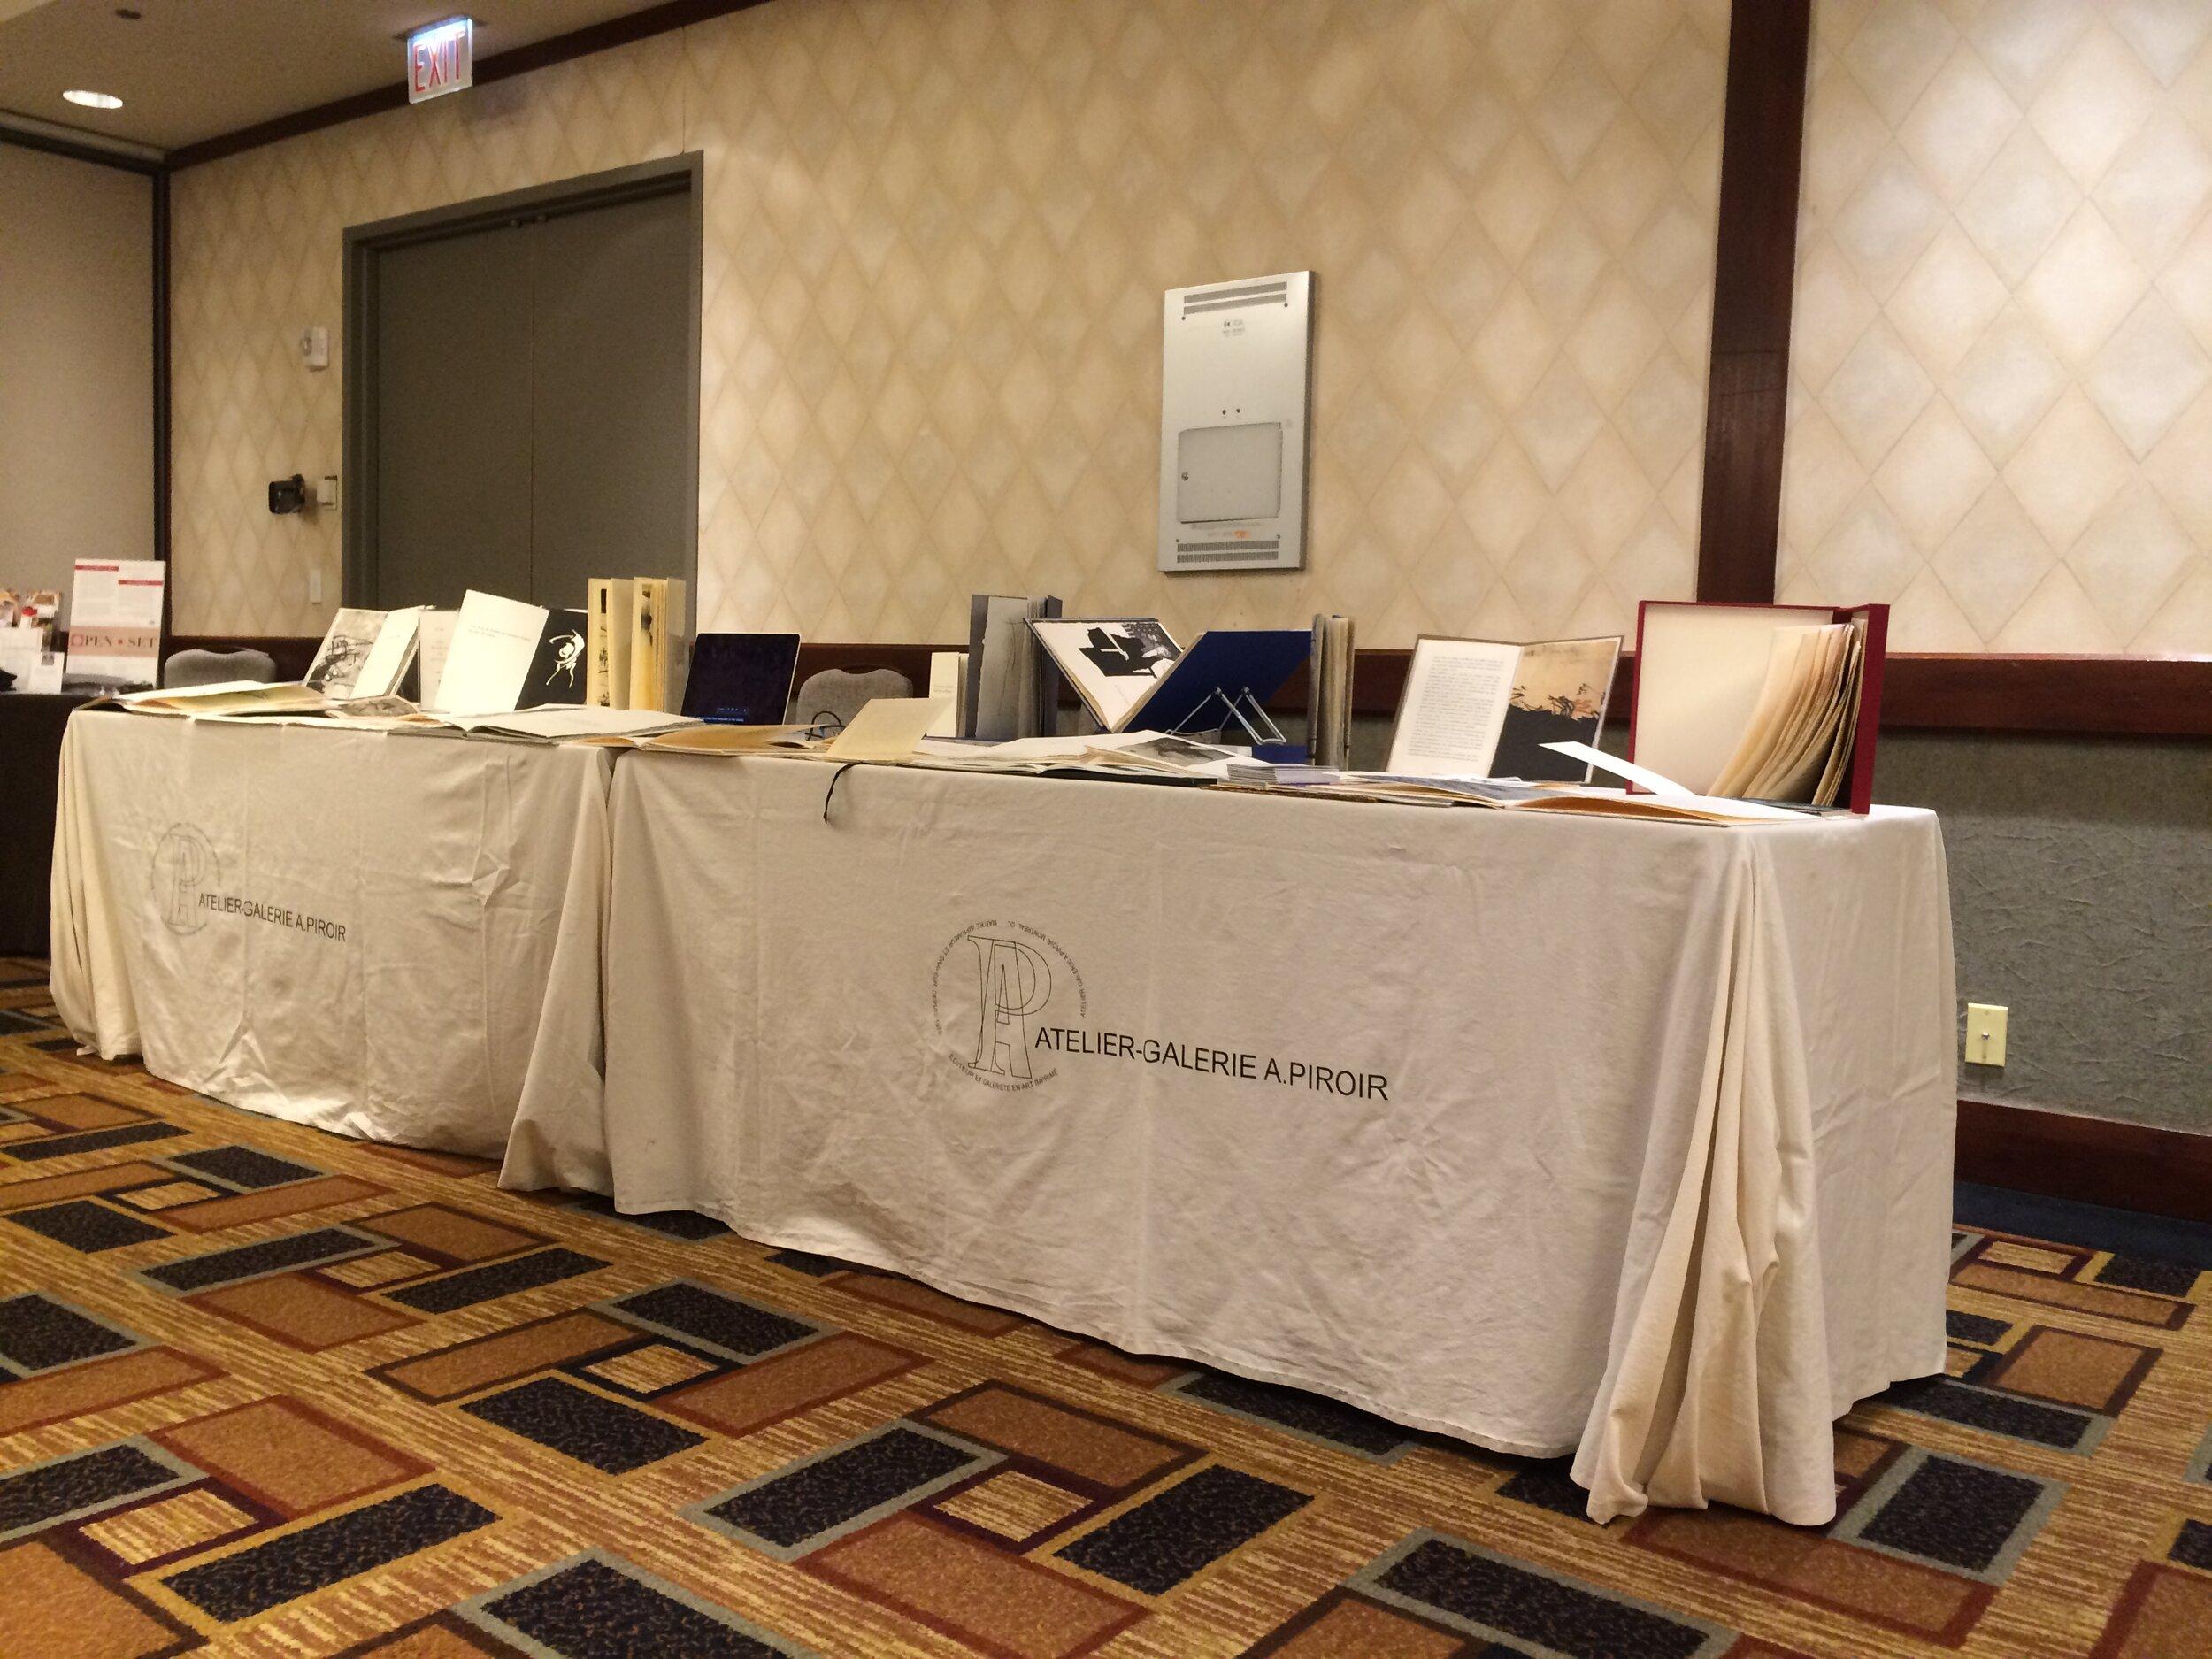 Tables de l'atelier-Galerie A. Piroir, site web de l'organisateur -